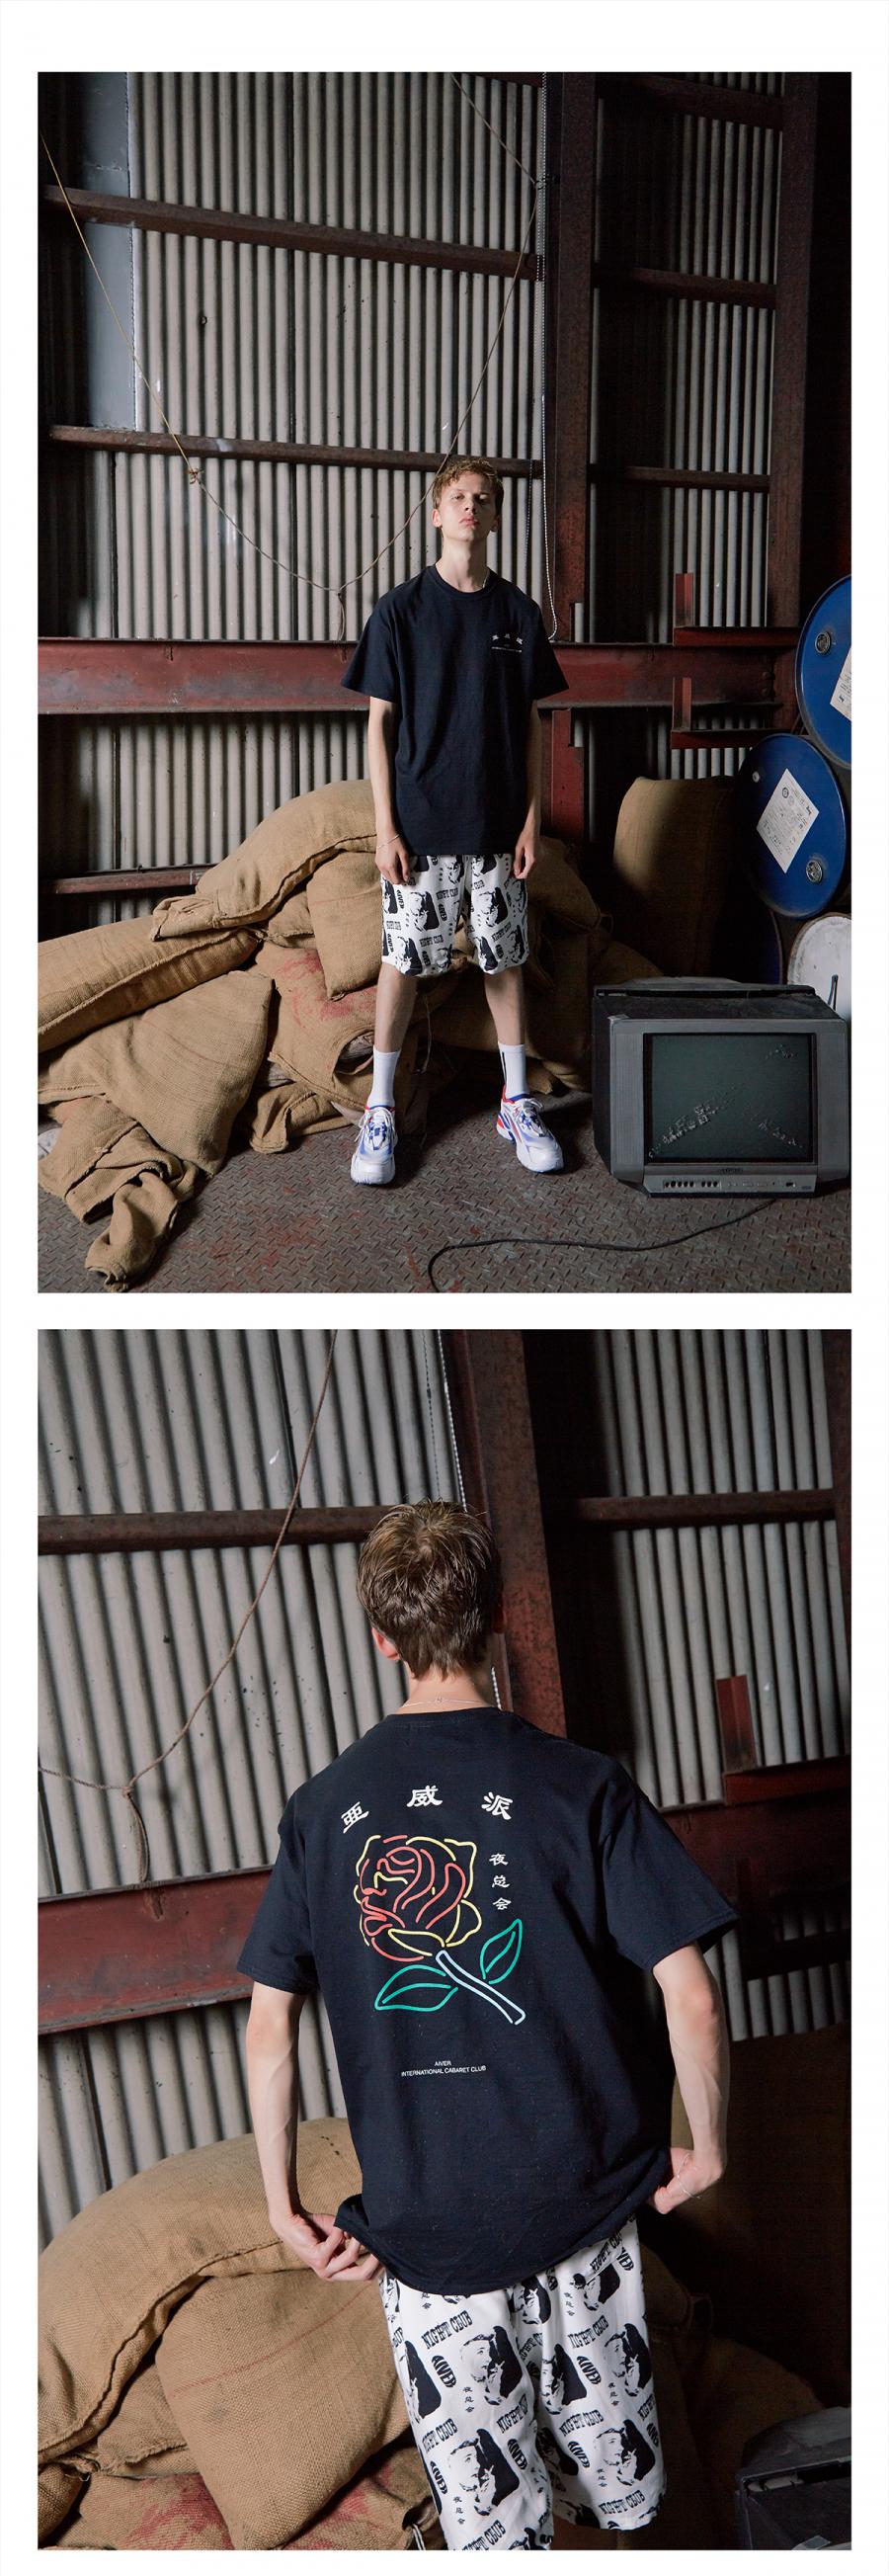 캐스퍼존아이바(CASPERJOHNAIVER) 오리엔탈 네온 로즈 오버 티셔츠(블랙)